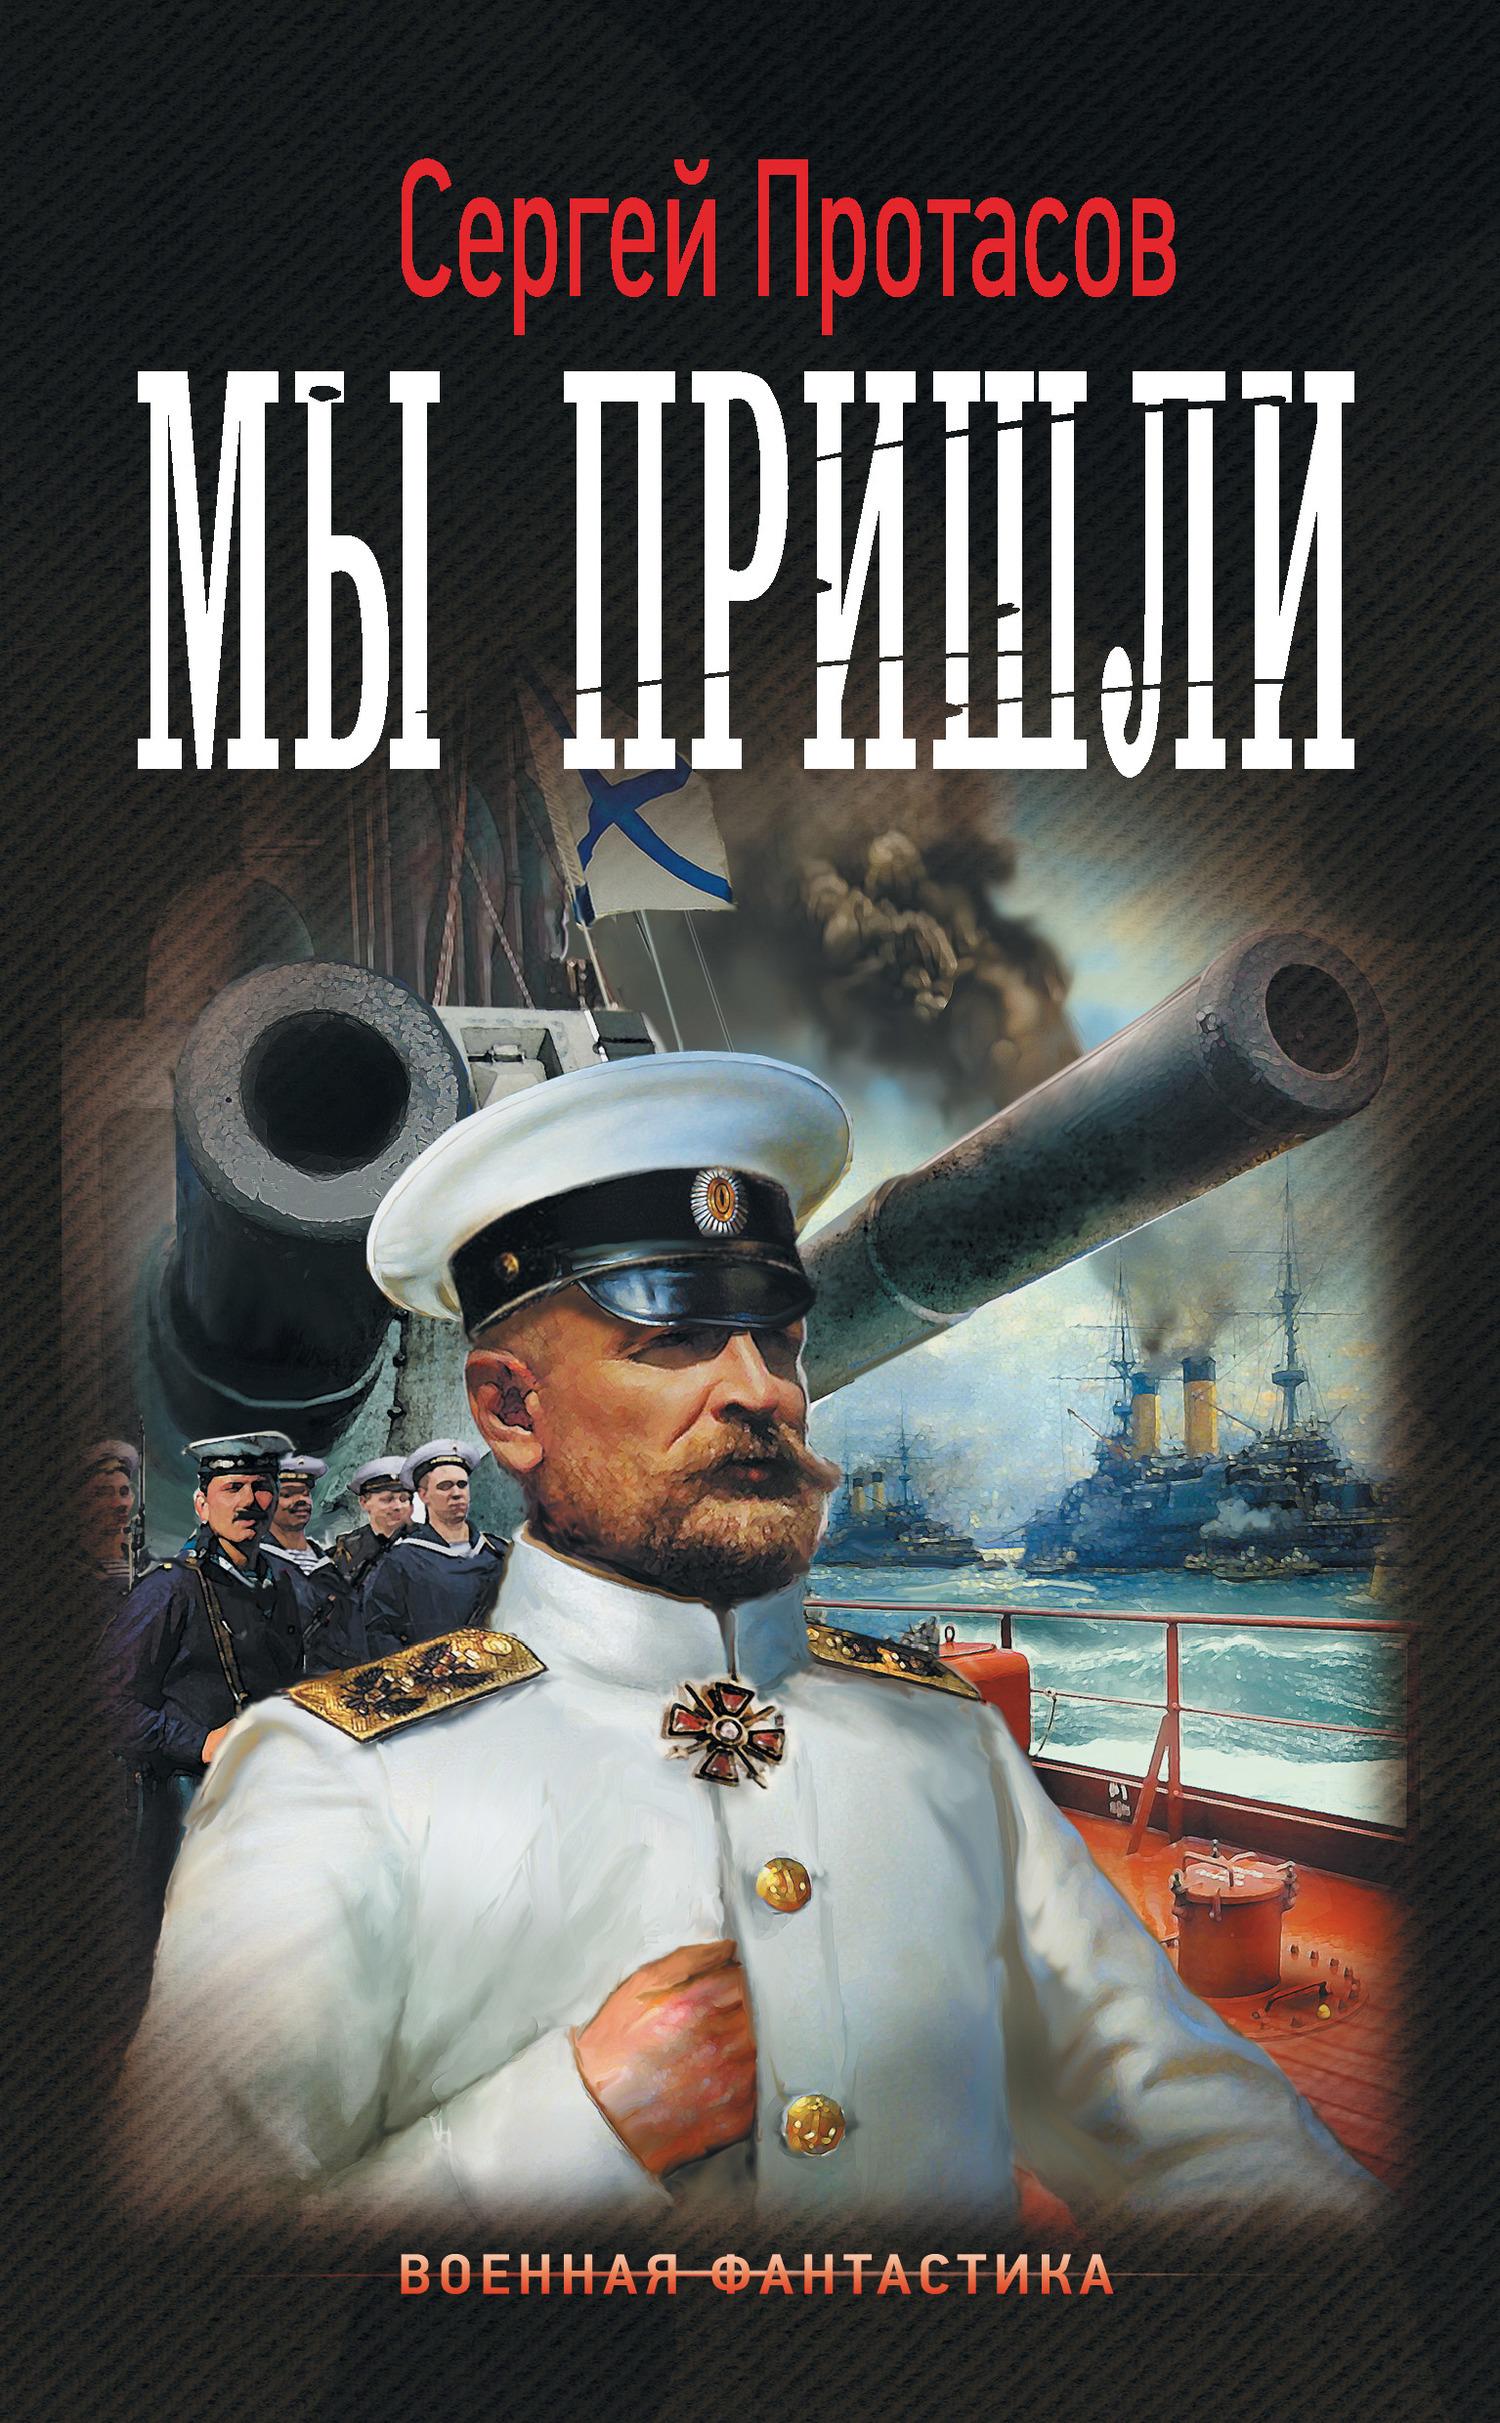 Сергей Протасов. Цусимские хроники. Мы пришли